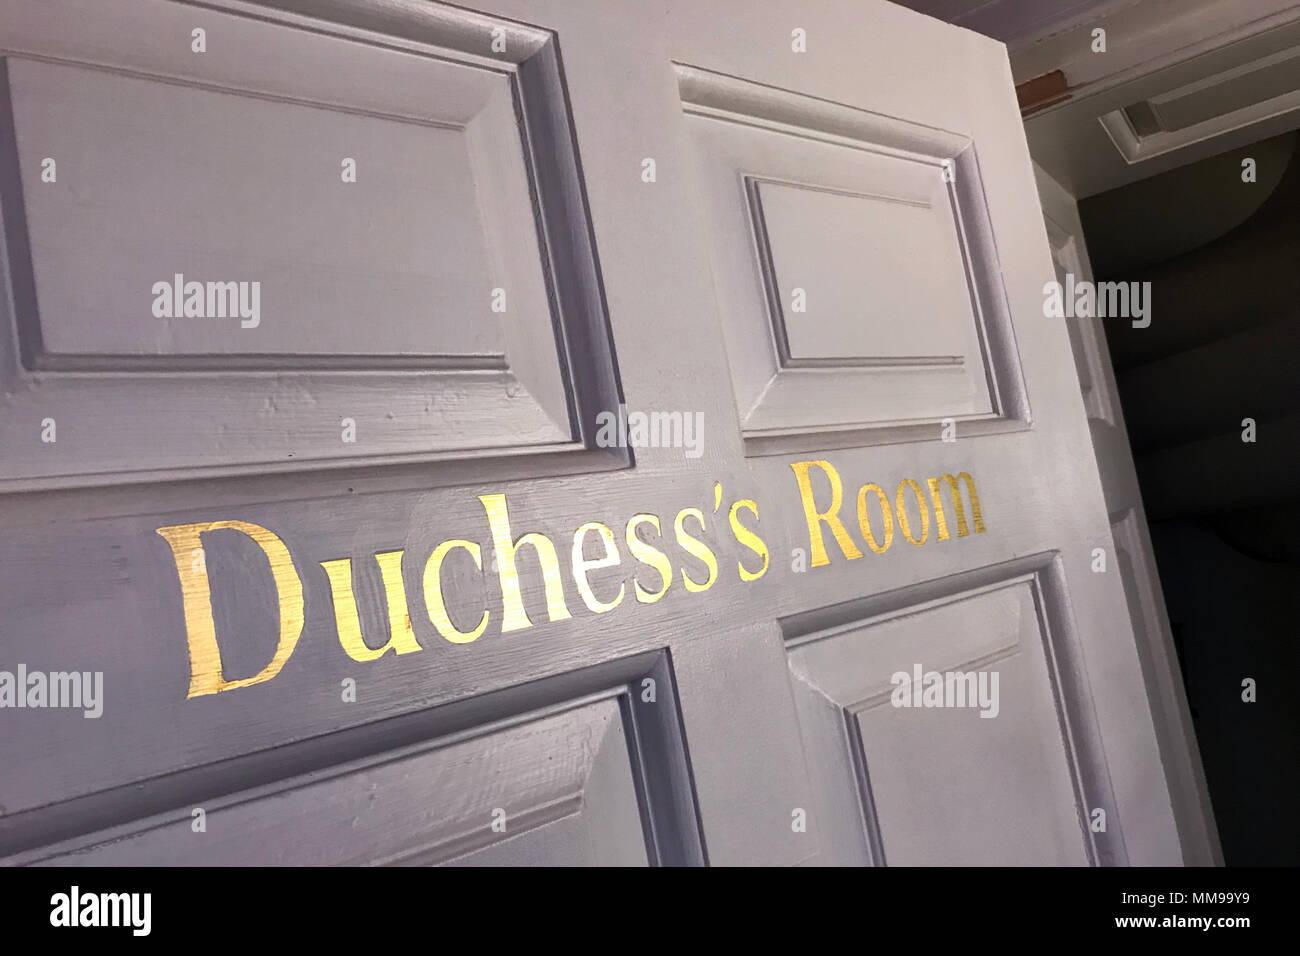 GoTonysmith,@HotpixUK,door,Duchess,Duchess